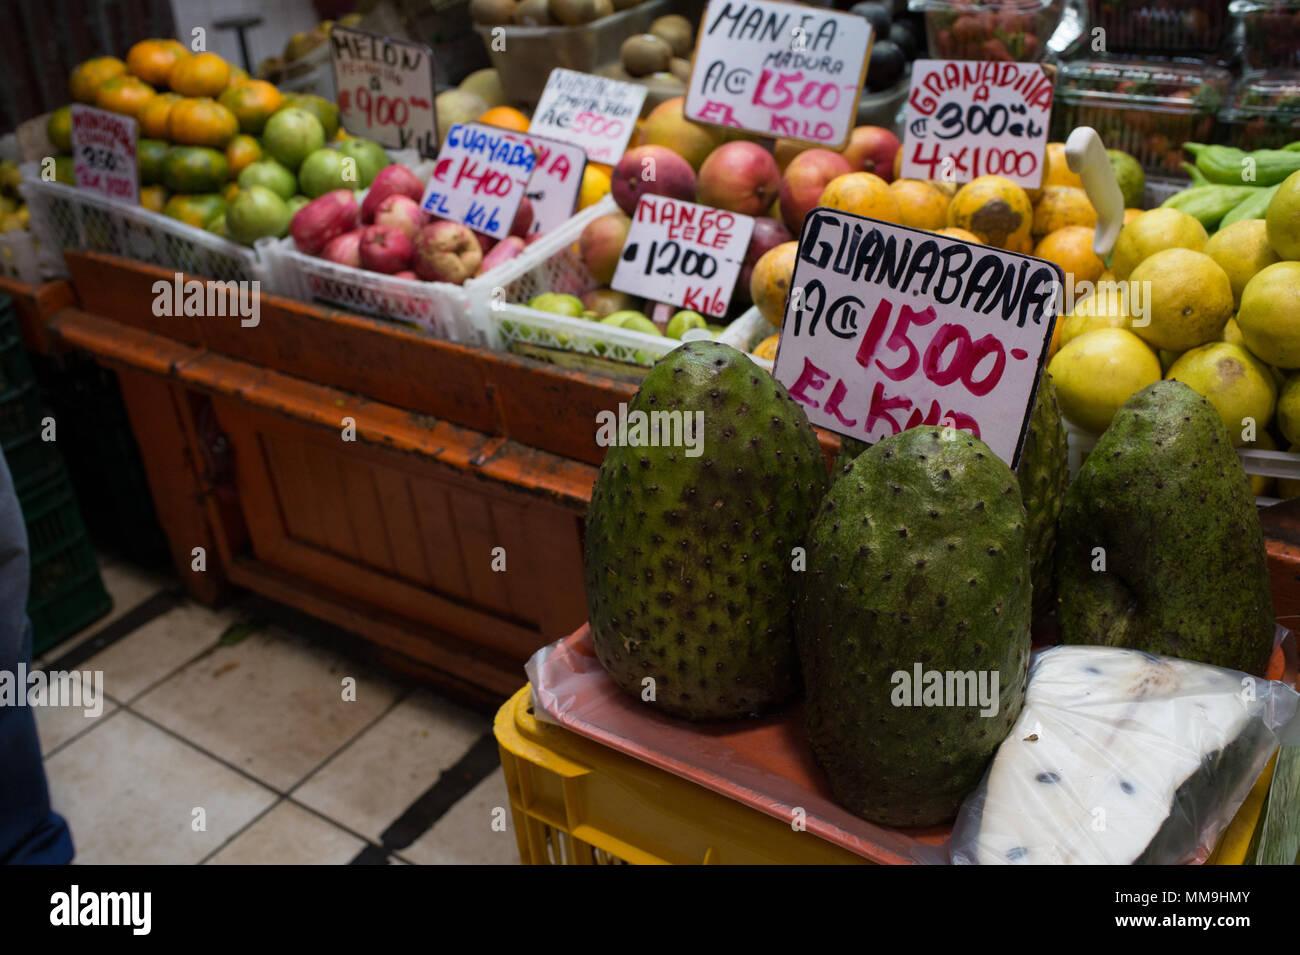 San Jose Costa Rica Market Stock Photos & San Jose Costa Rica Market ...